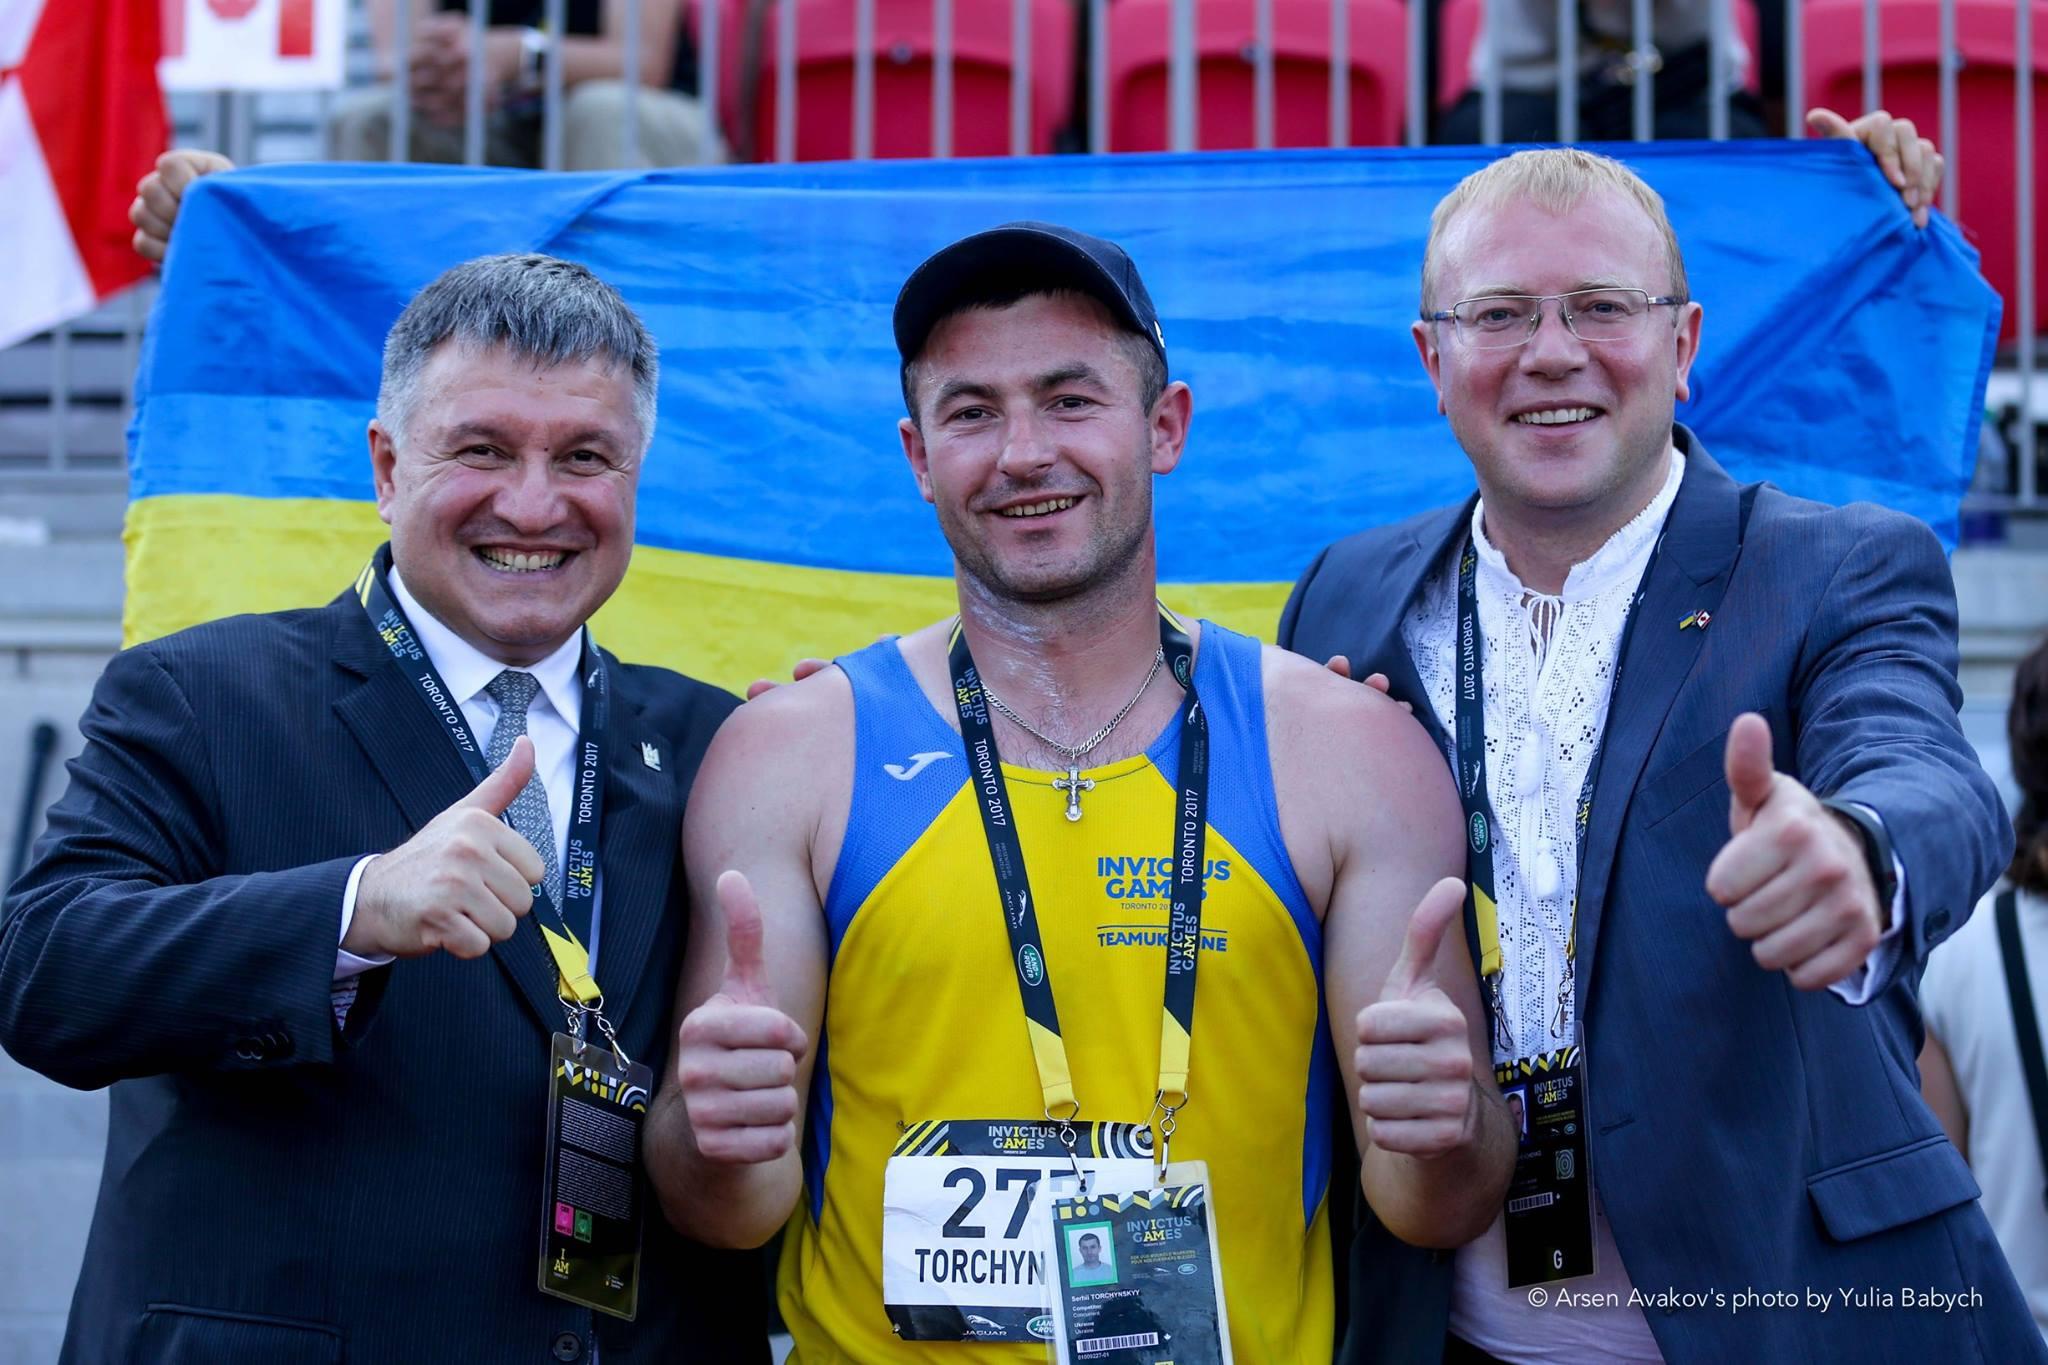 Украинец завоевал первую медаль наInvictus Games вКанаде